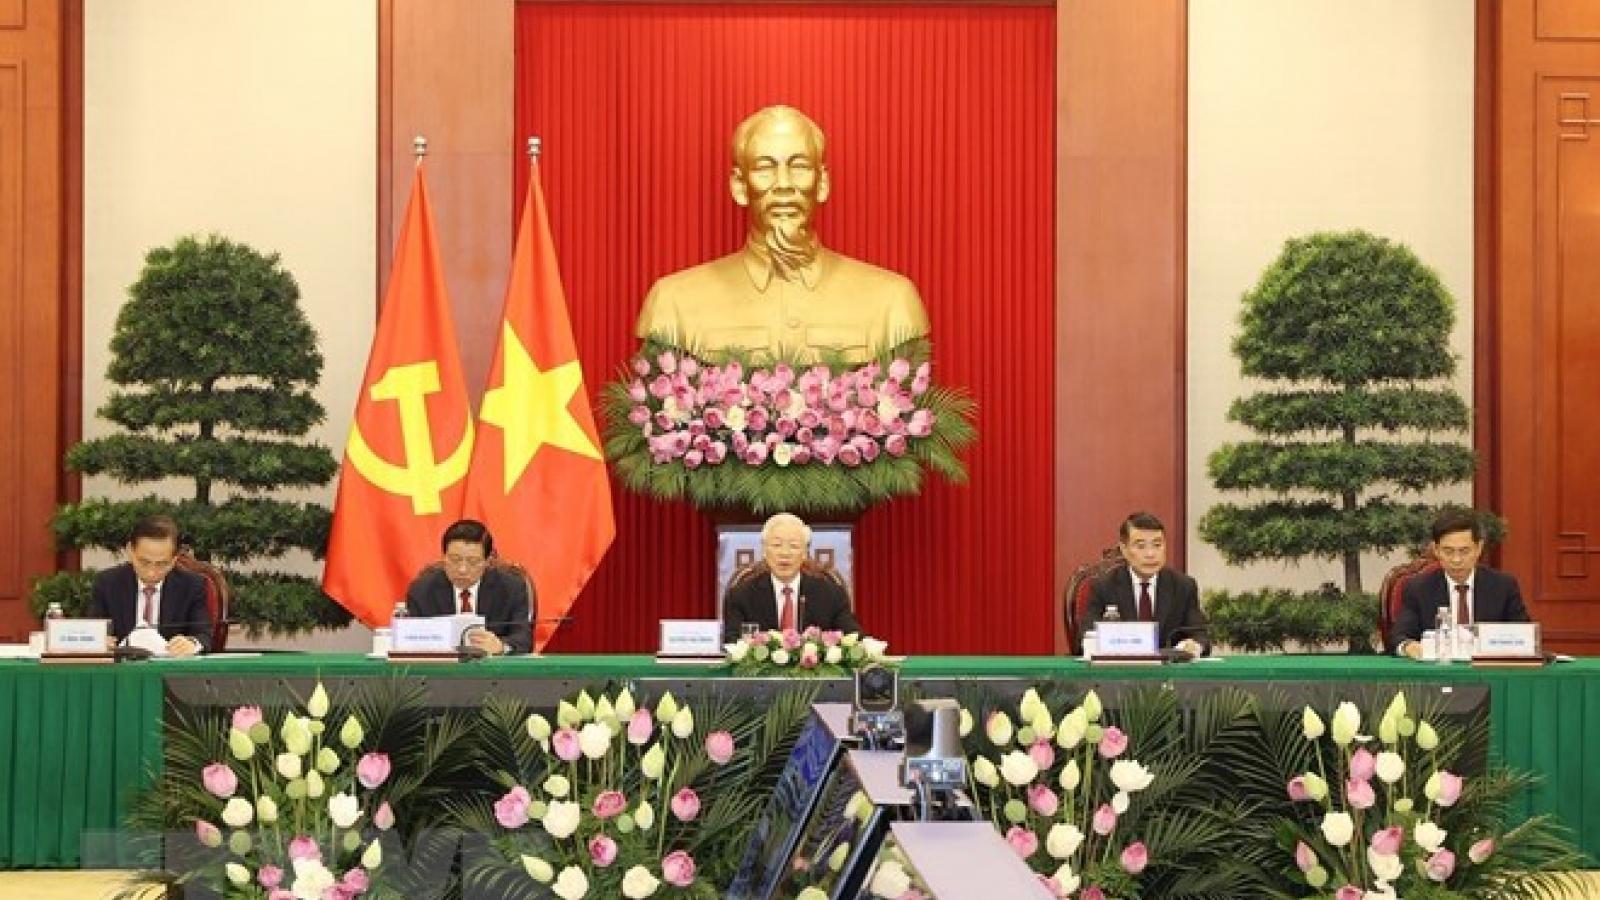 Tổng Bí thư nêu quan điểm về trách nhiệm của các chính đảng đối với hạnh phúc nhân dân